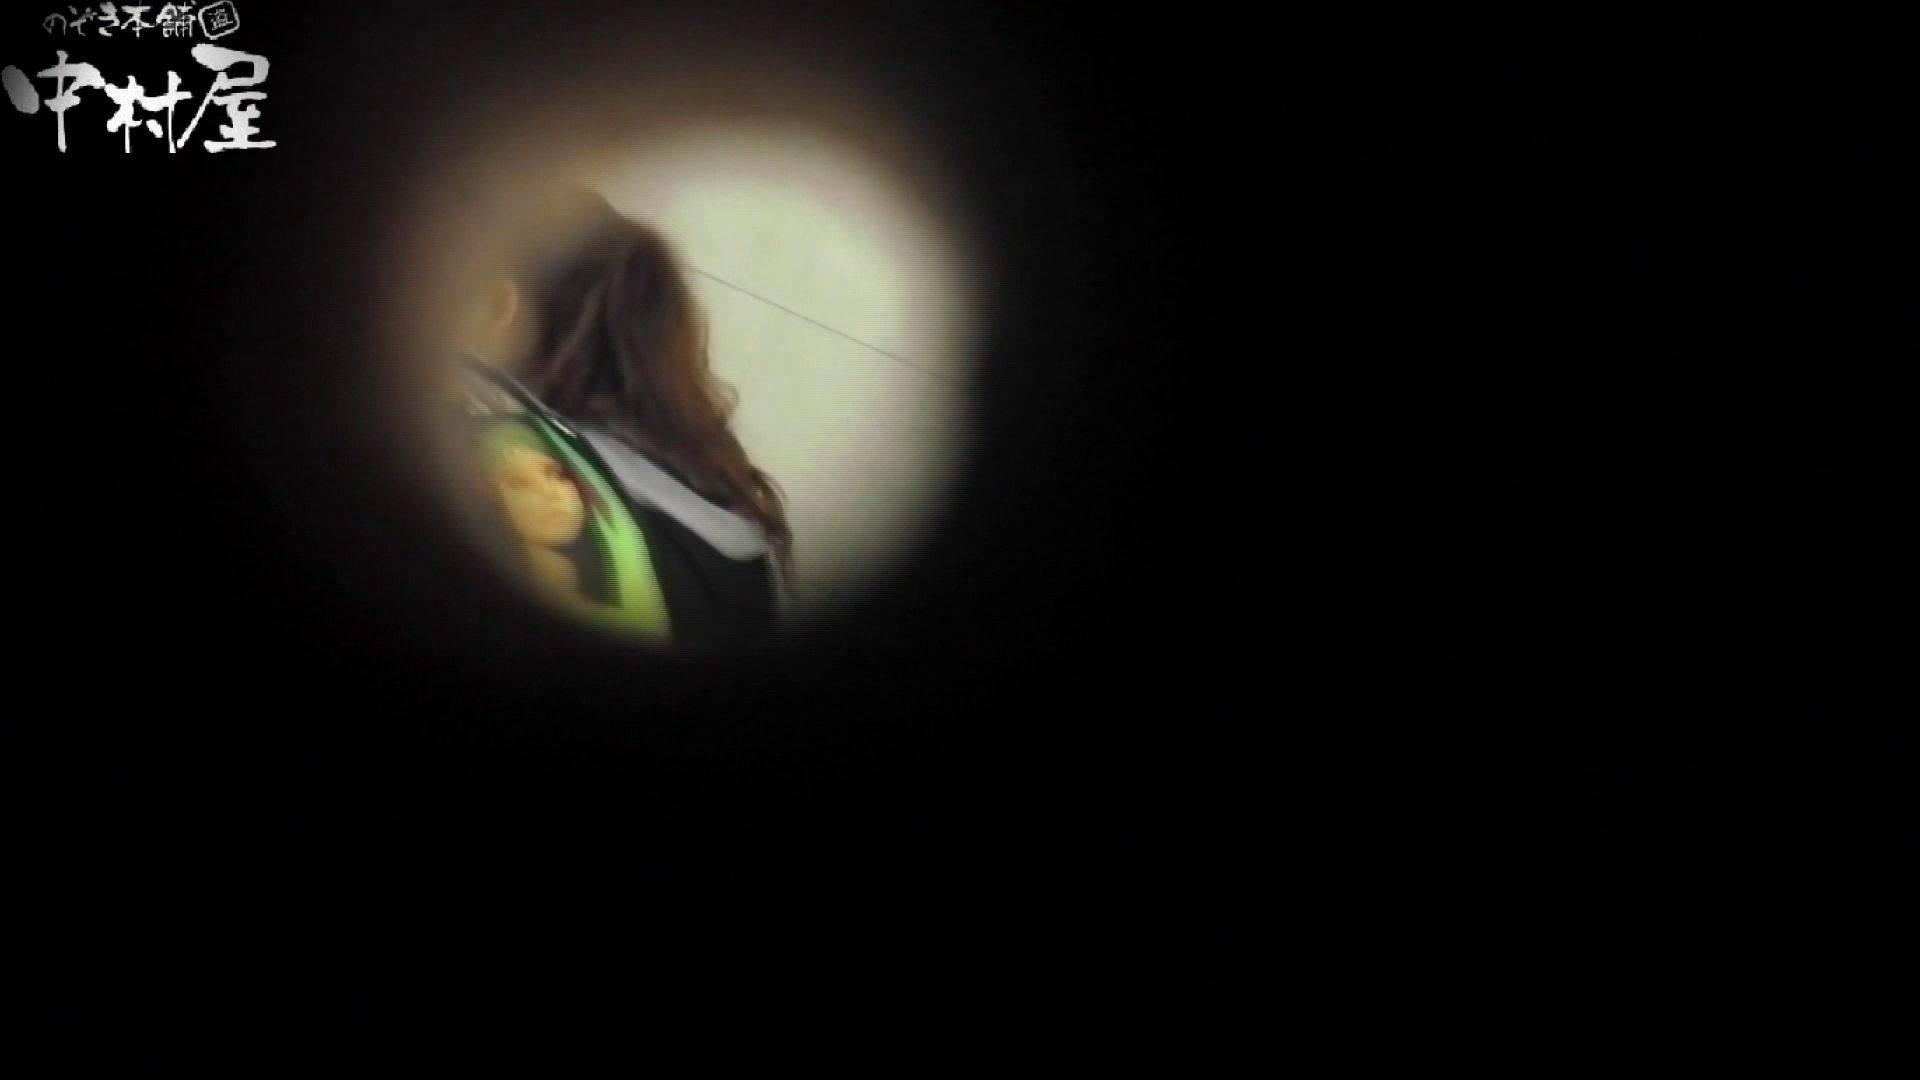 世界の射窓から vol.44 お上品そうな 洗面所 | HなOL  91pic 4